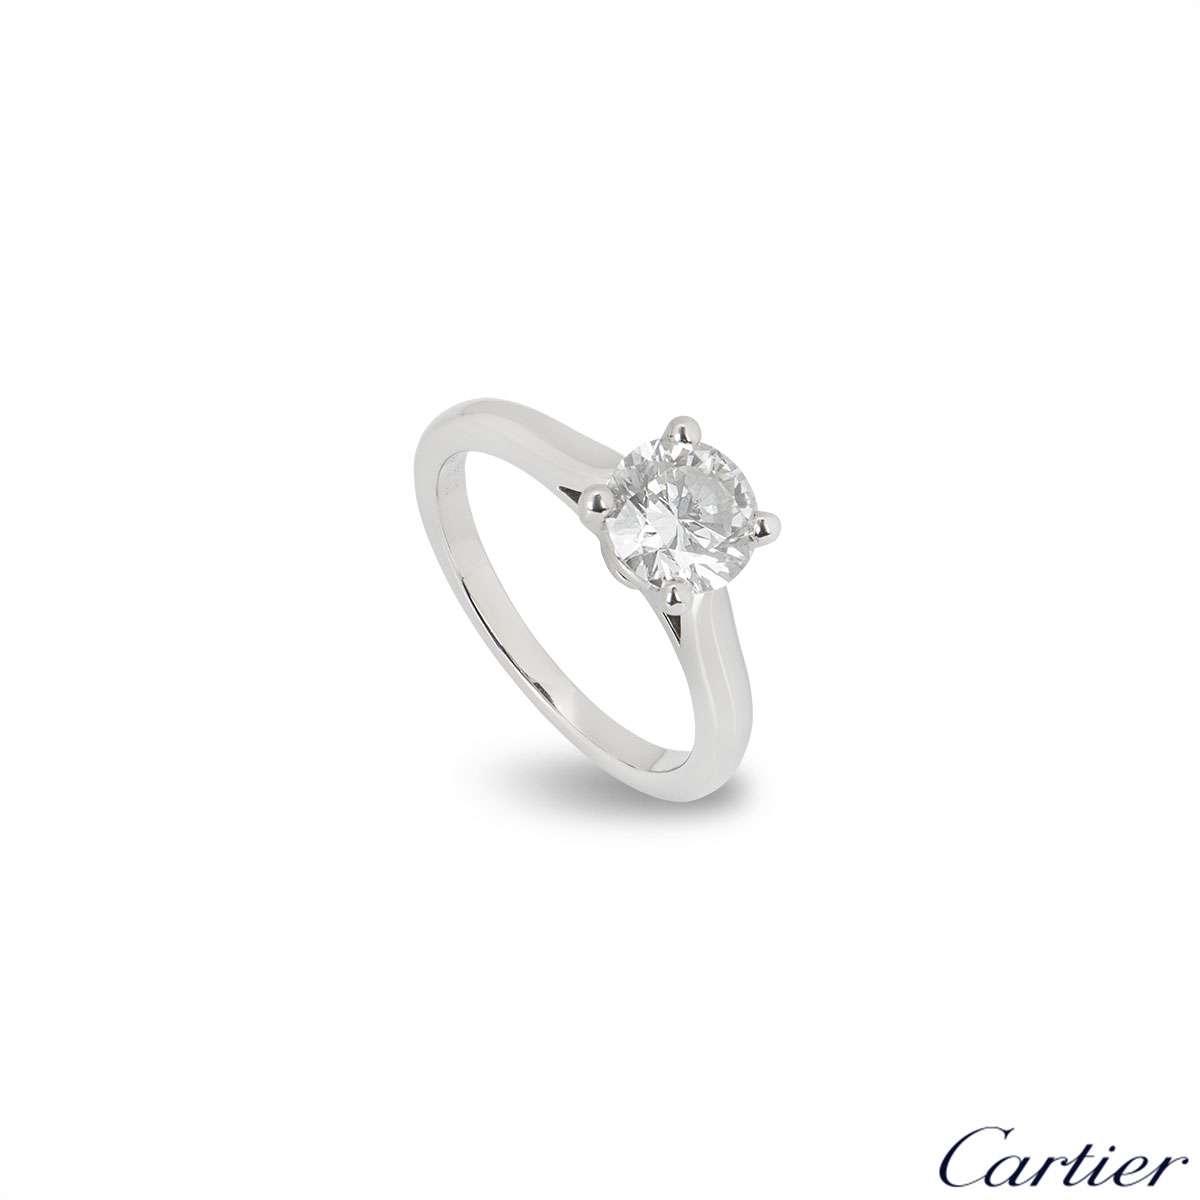 Cartier Platinum Diamond 1895 Solitaire Ring 1.09ct H/VVS2 XXX